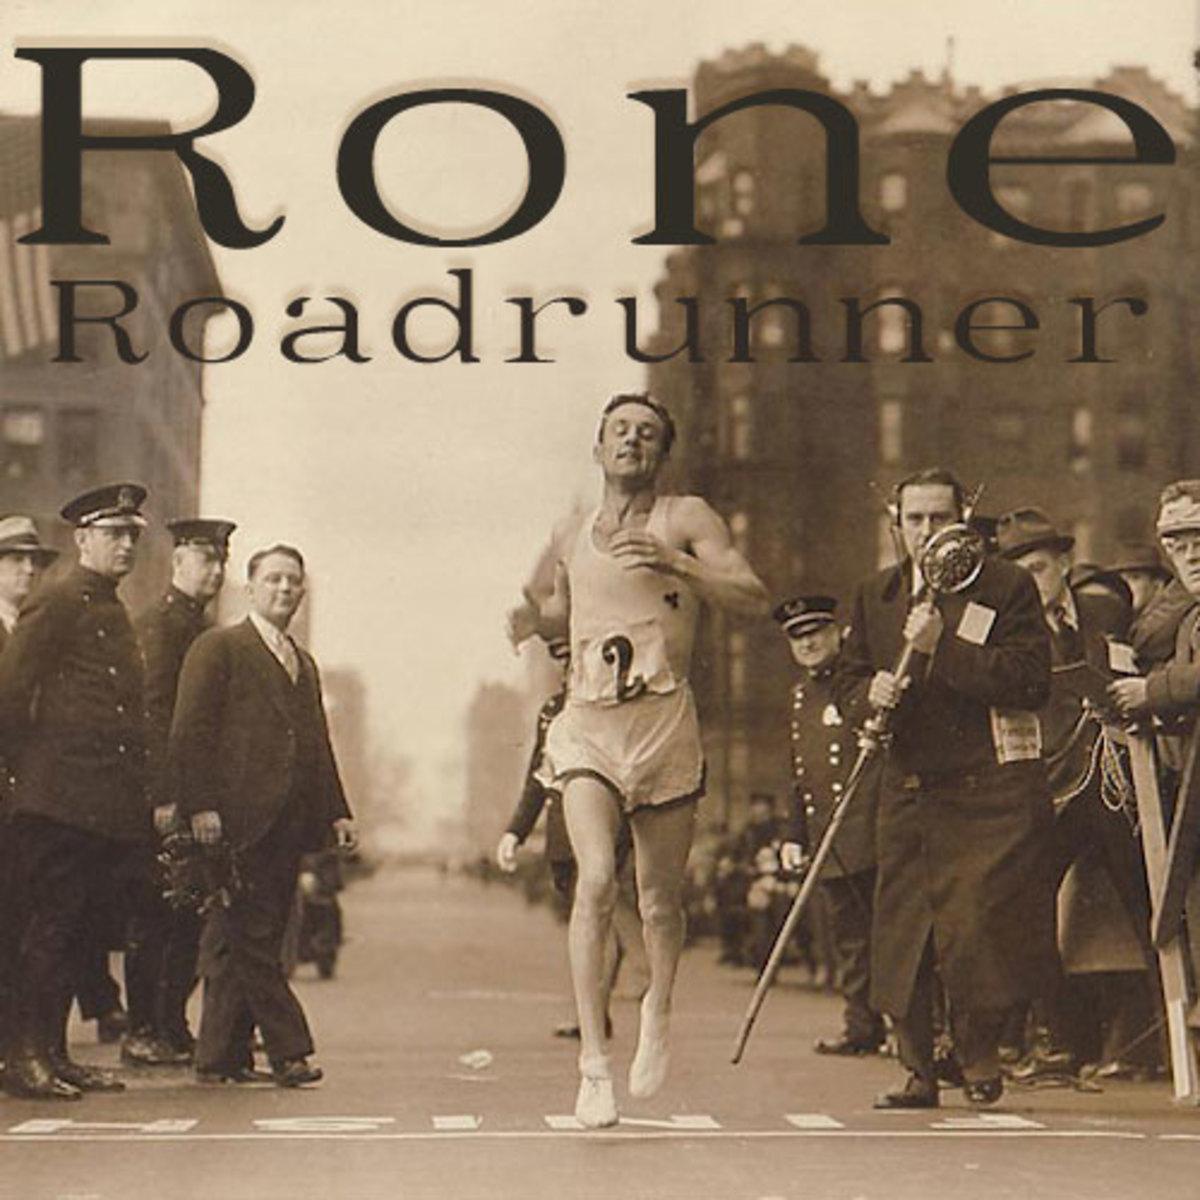 rone-roadrunner.jpg